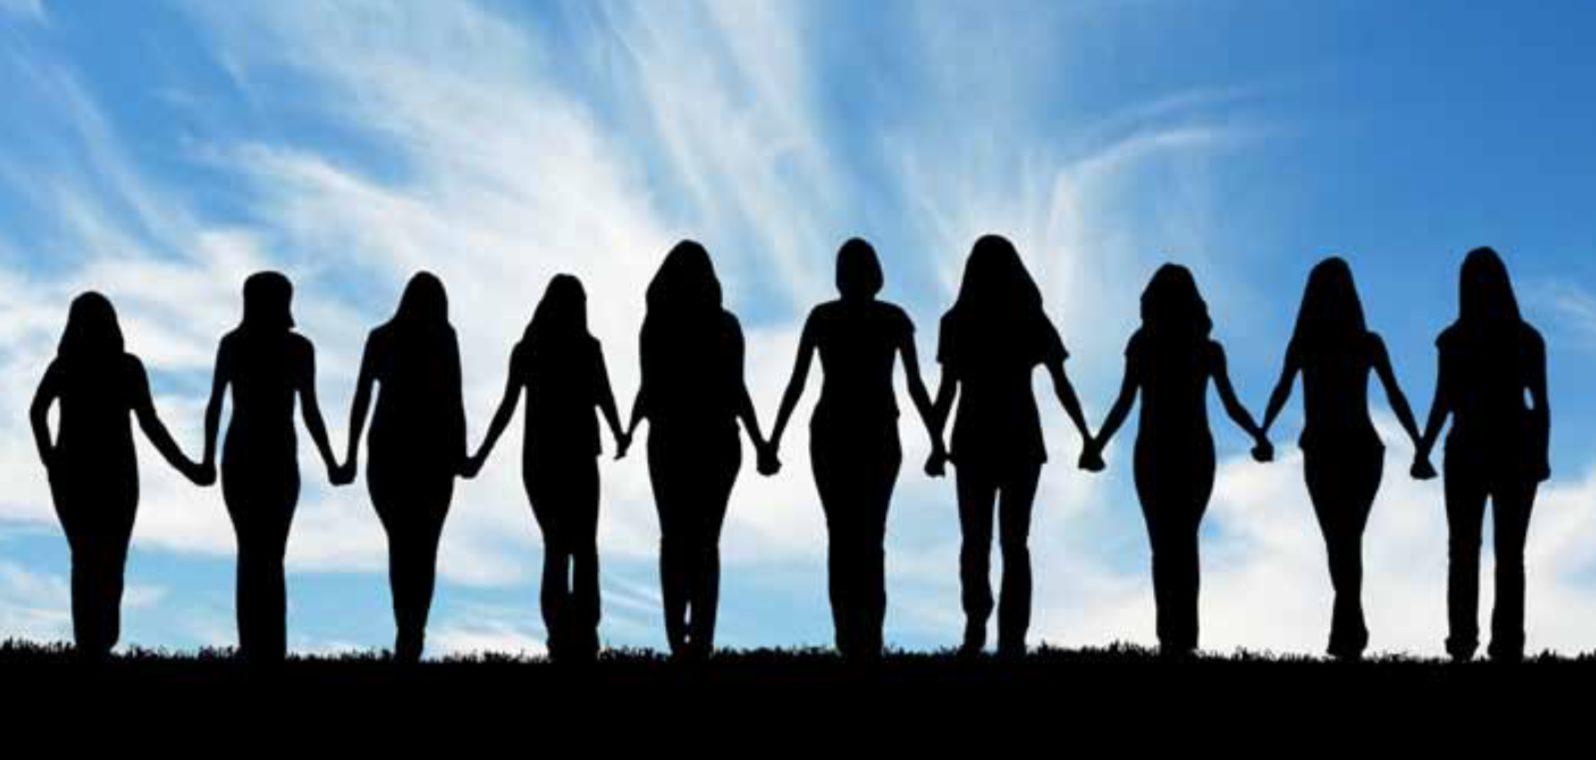 Apoio de amigos e do estado ajuda mulher a enfrentar violência em casa